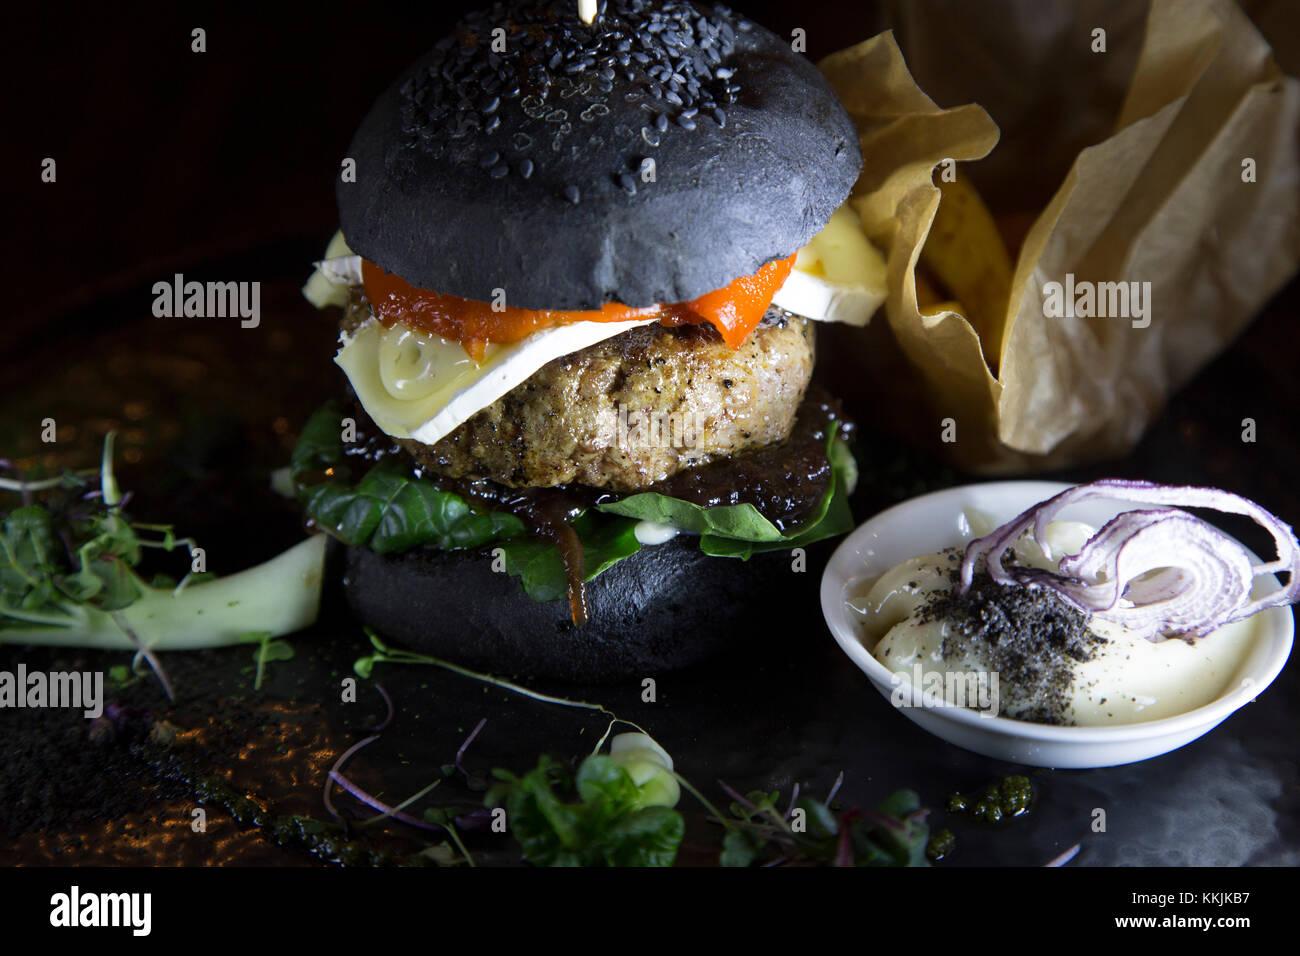 Hamburguesa de cordero servido con un bollo de pan negro en el restaurante mute en Riga, Letonia. la hamburguesa Imagen De Stock